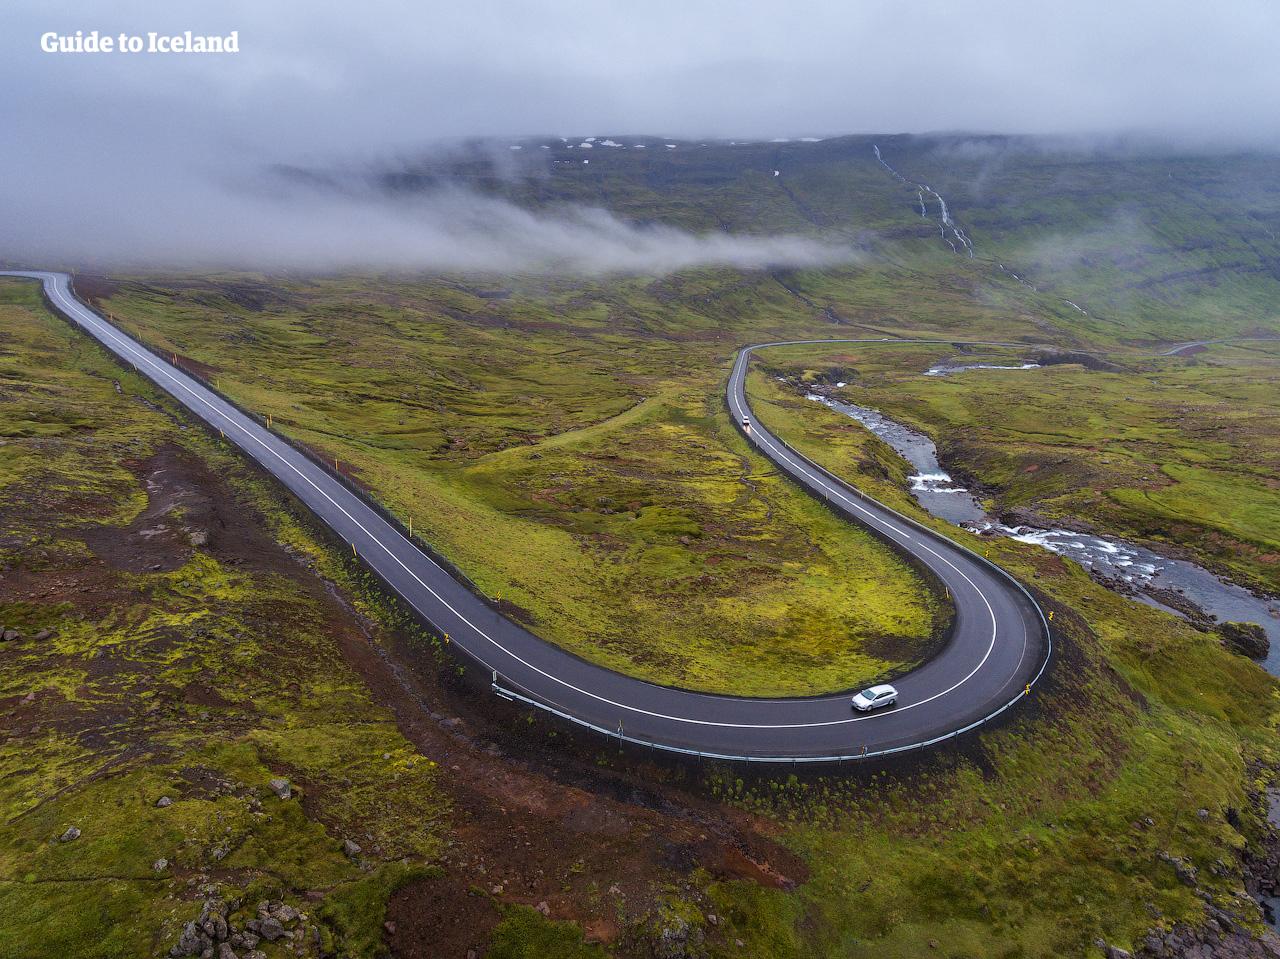 Eine Straße windet sich durch die östlichen Regionen Islands.